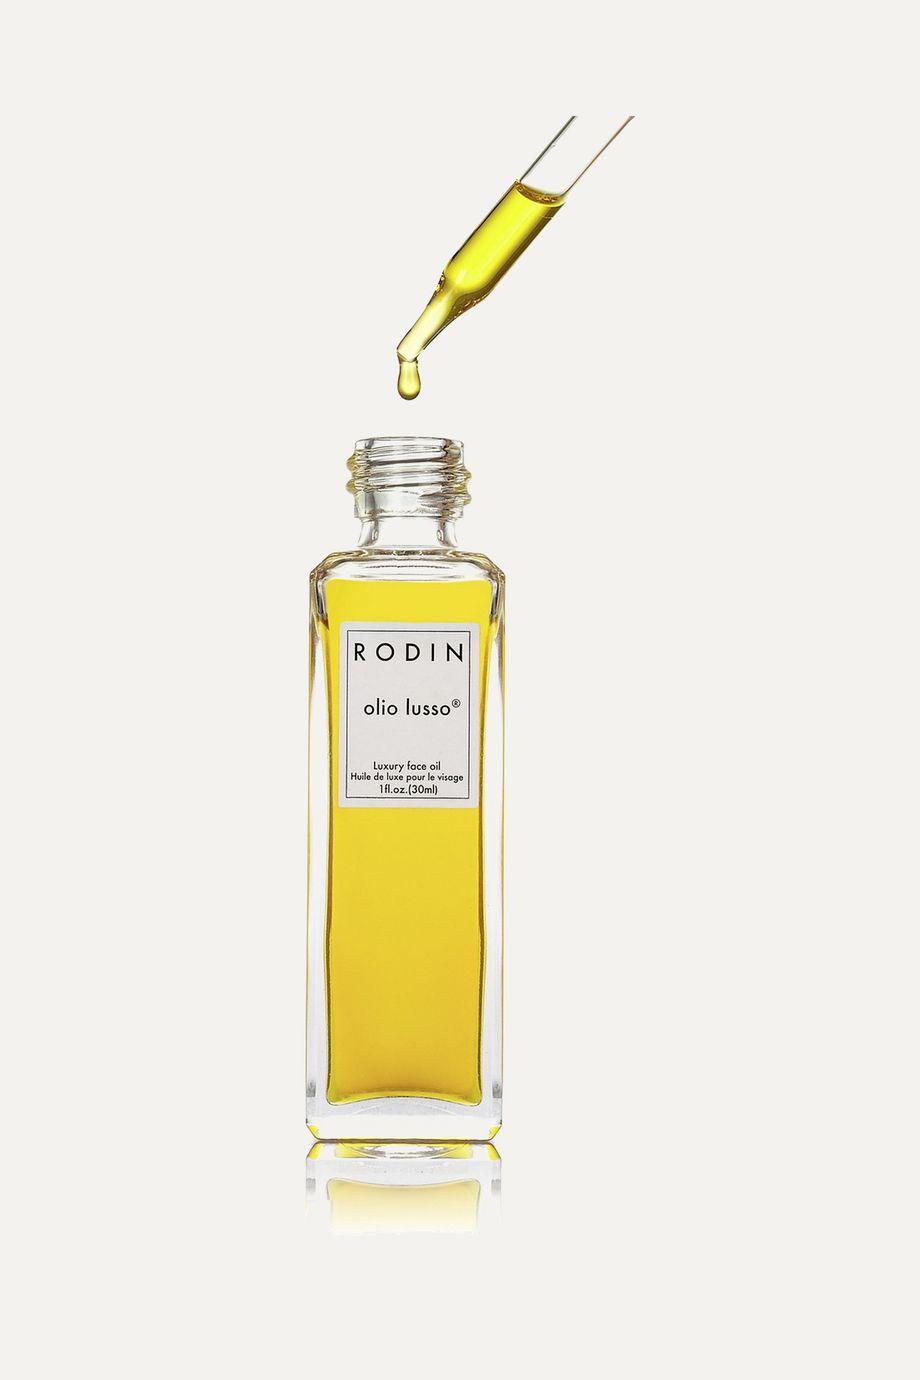 Rodin Luxury Face Oil, 30ml